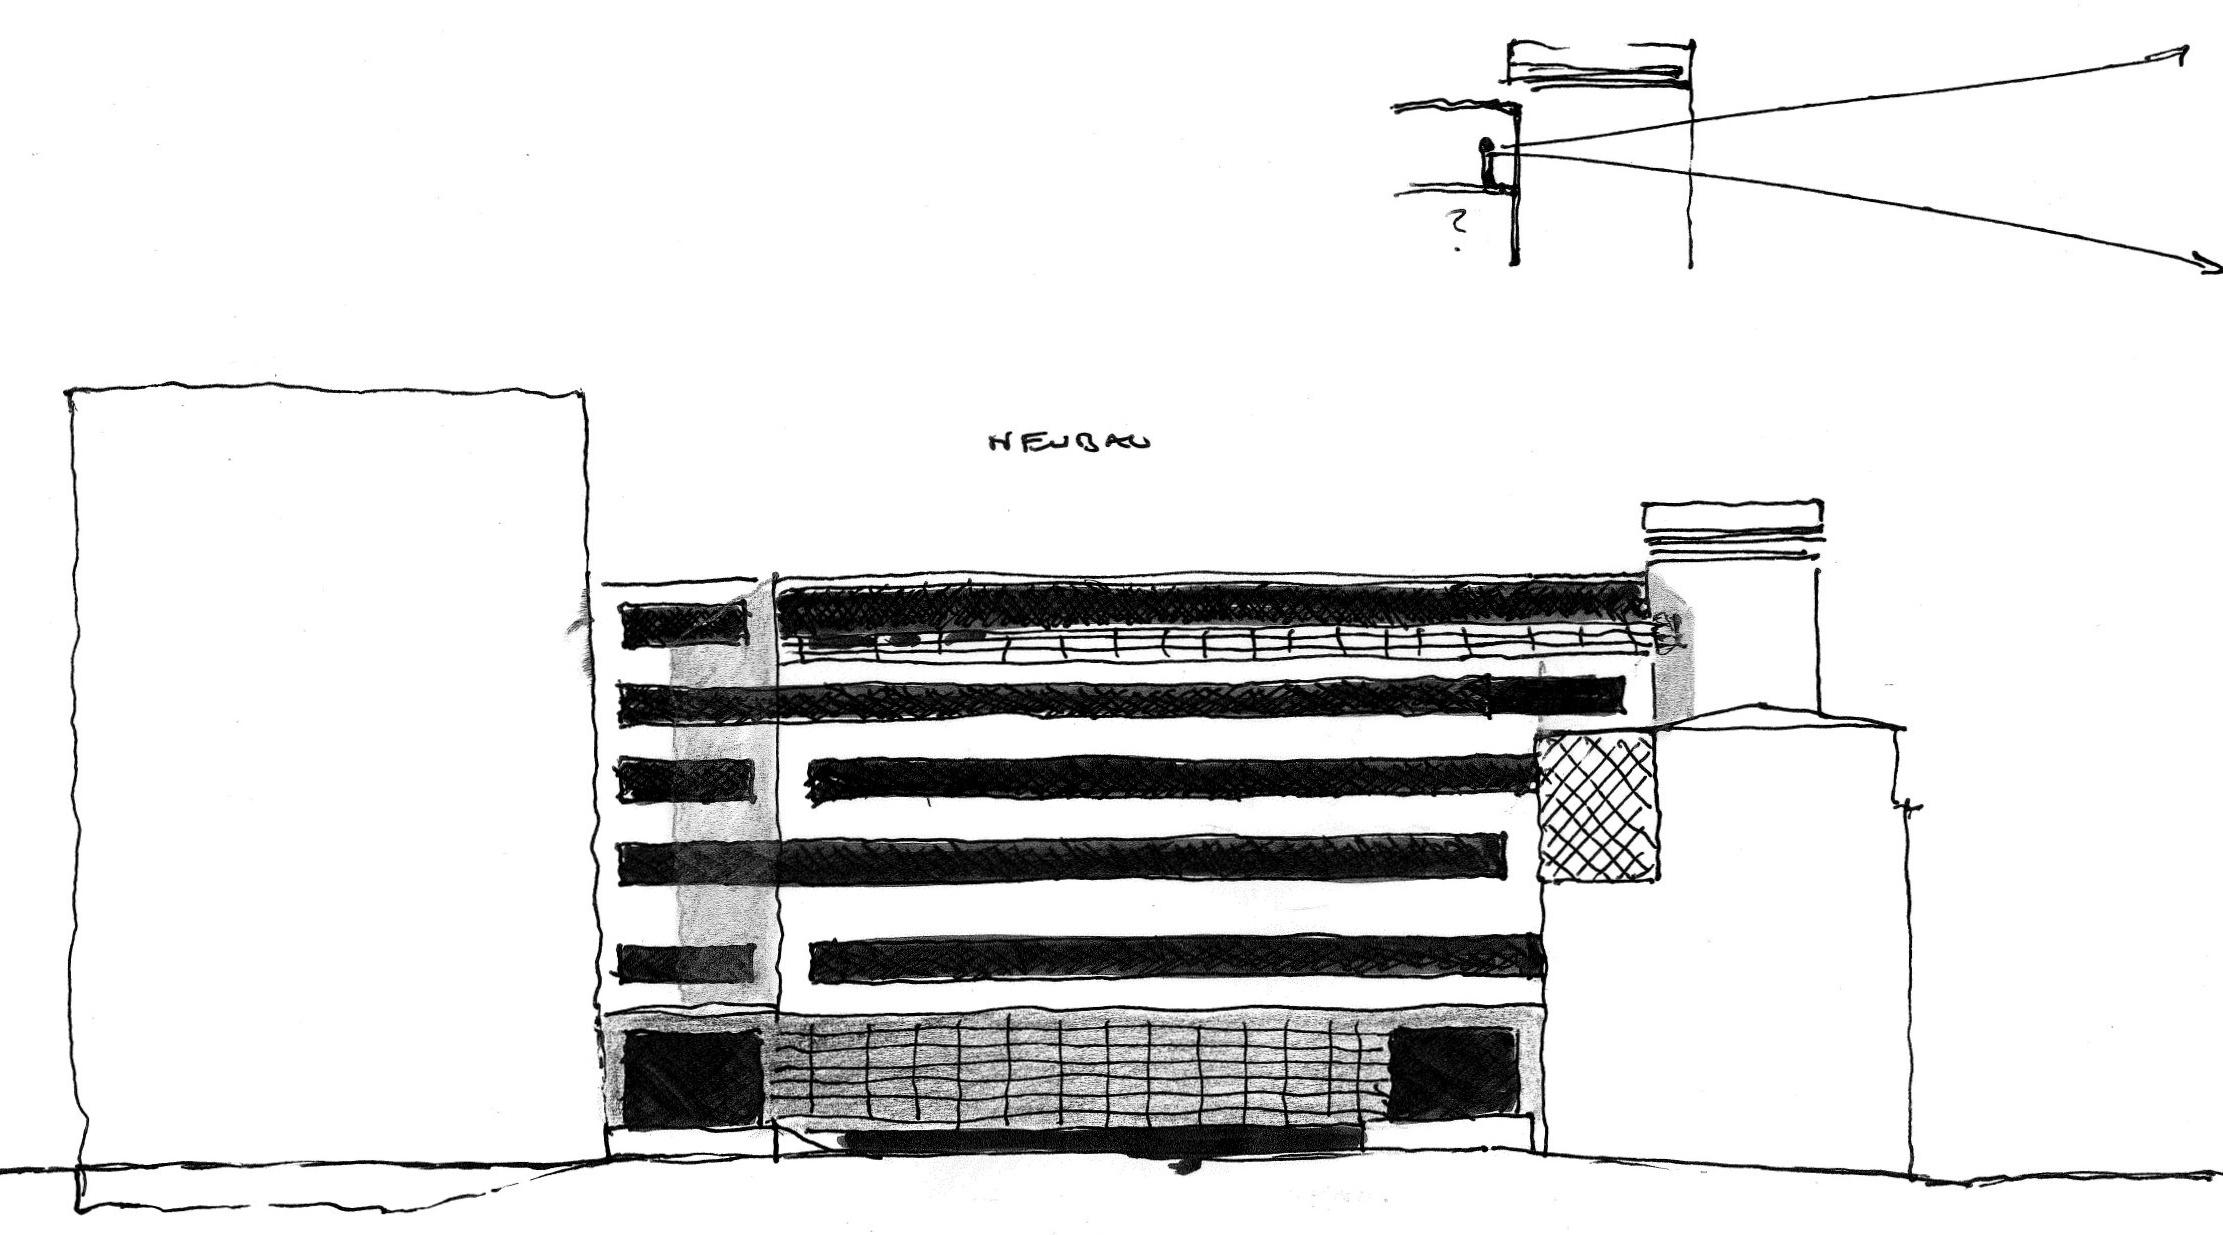 Entwurf zur Erweiterung der Ambulanz und Liegendanfahrt Franziskus Hospital, Bielefeld